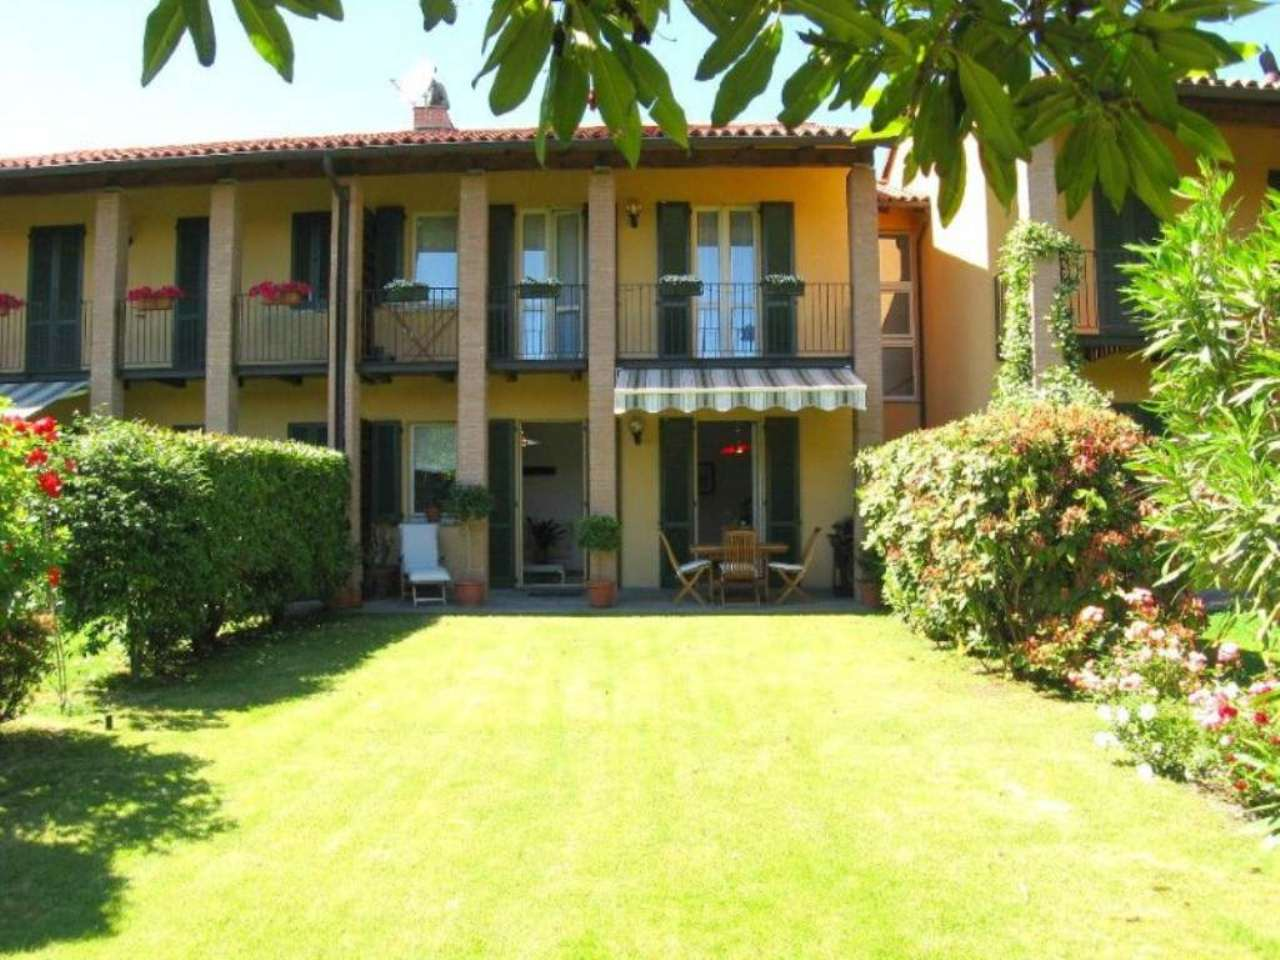 Villa a Schiera in vendita a Lesa, 3 locali, prezzo € 285.000 | Cambio Casa.it